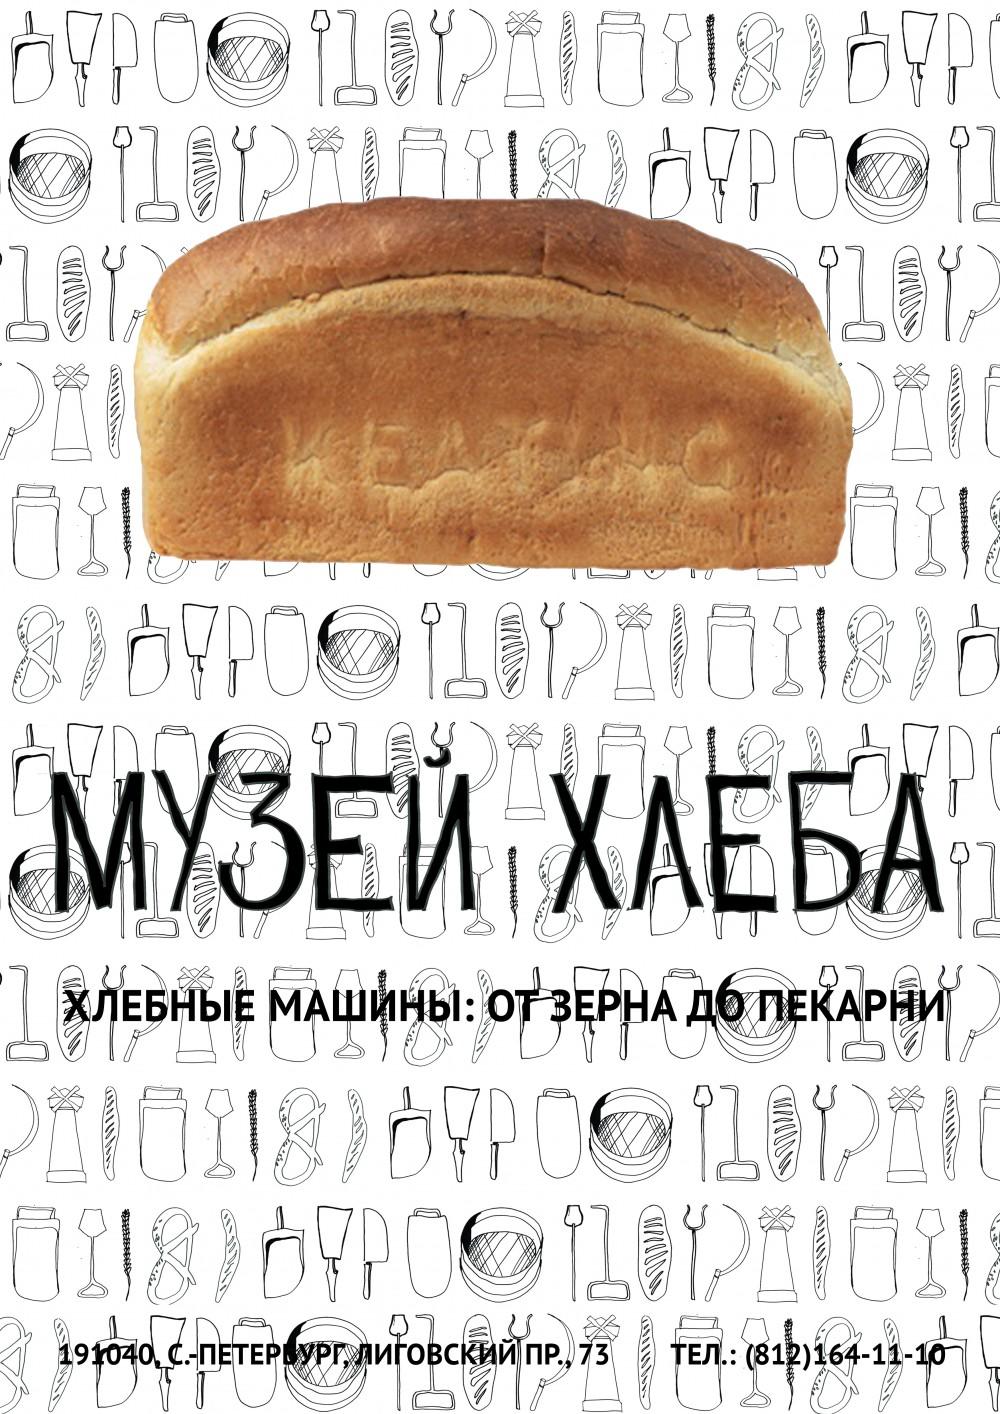 Bread museum5